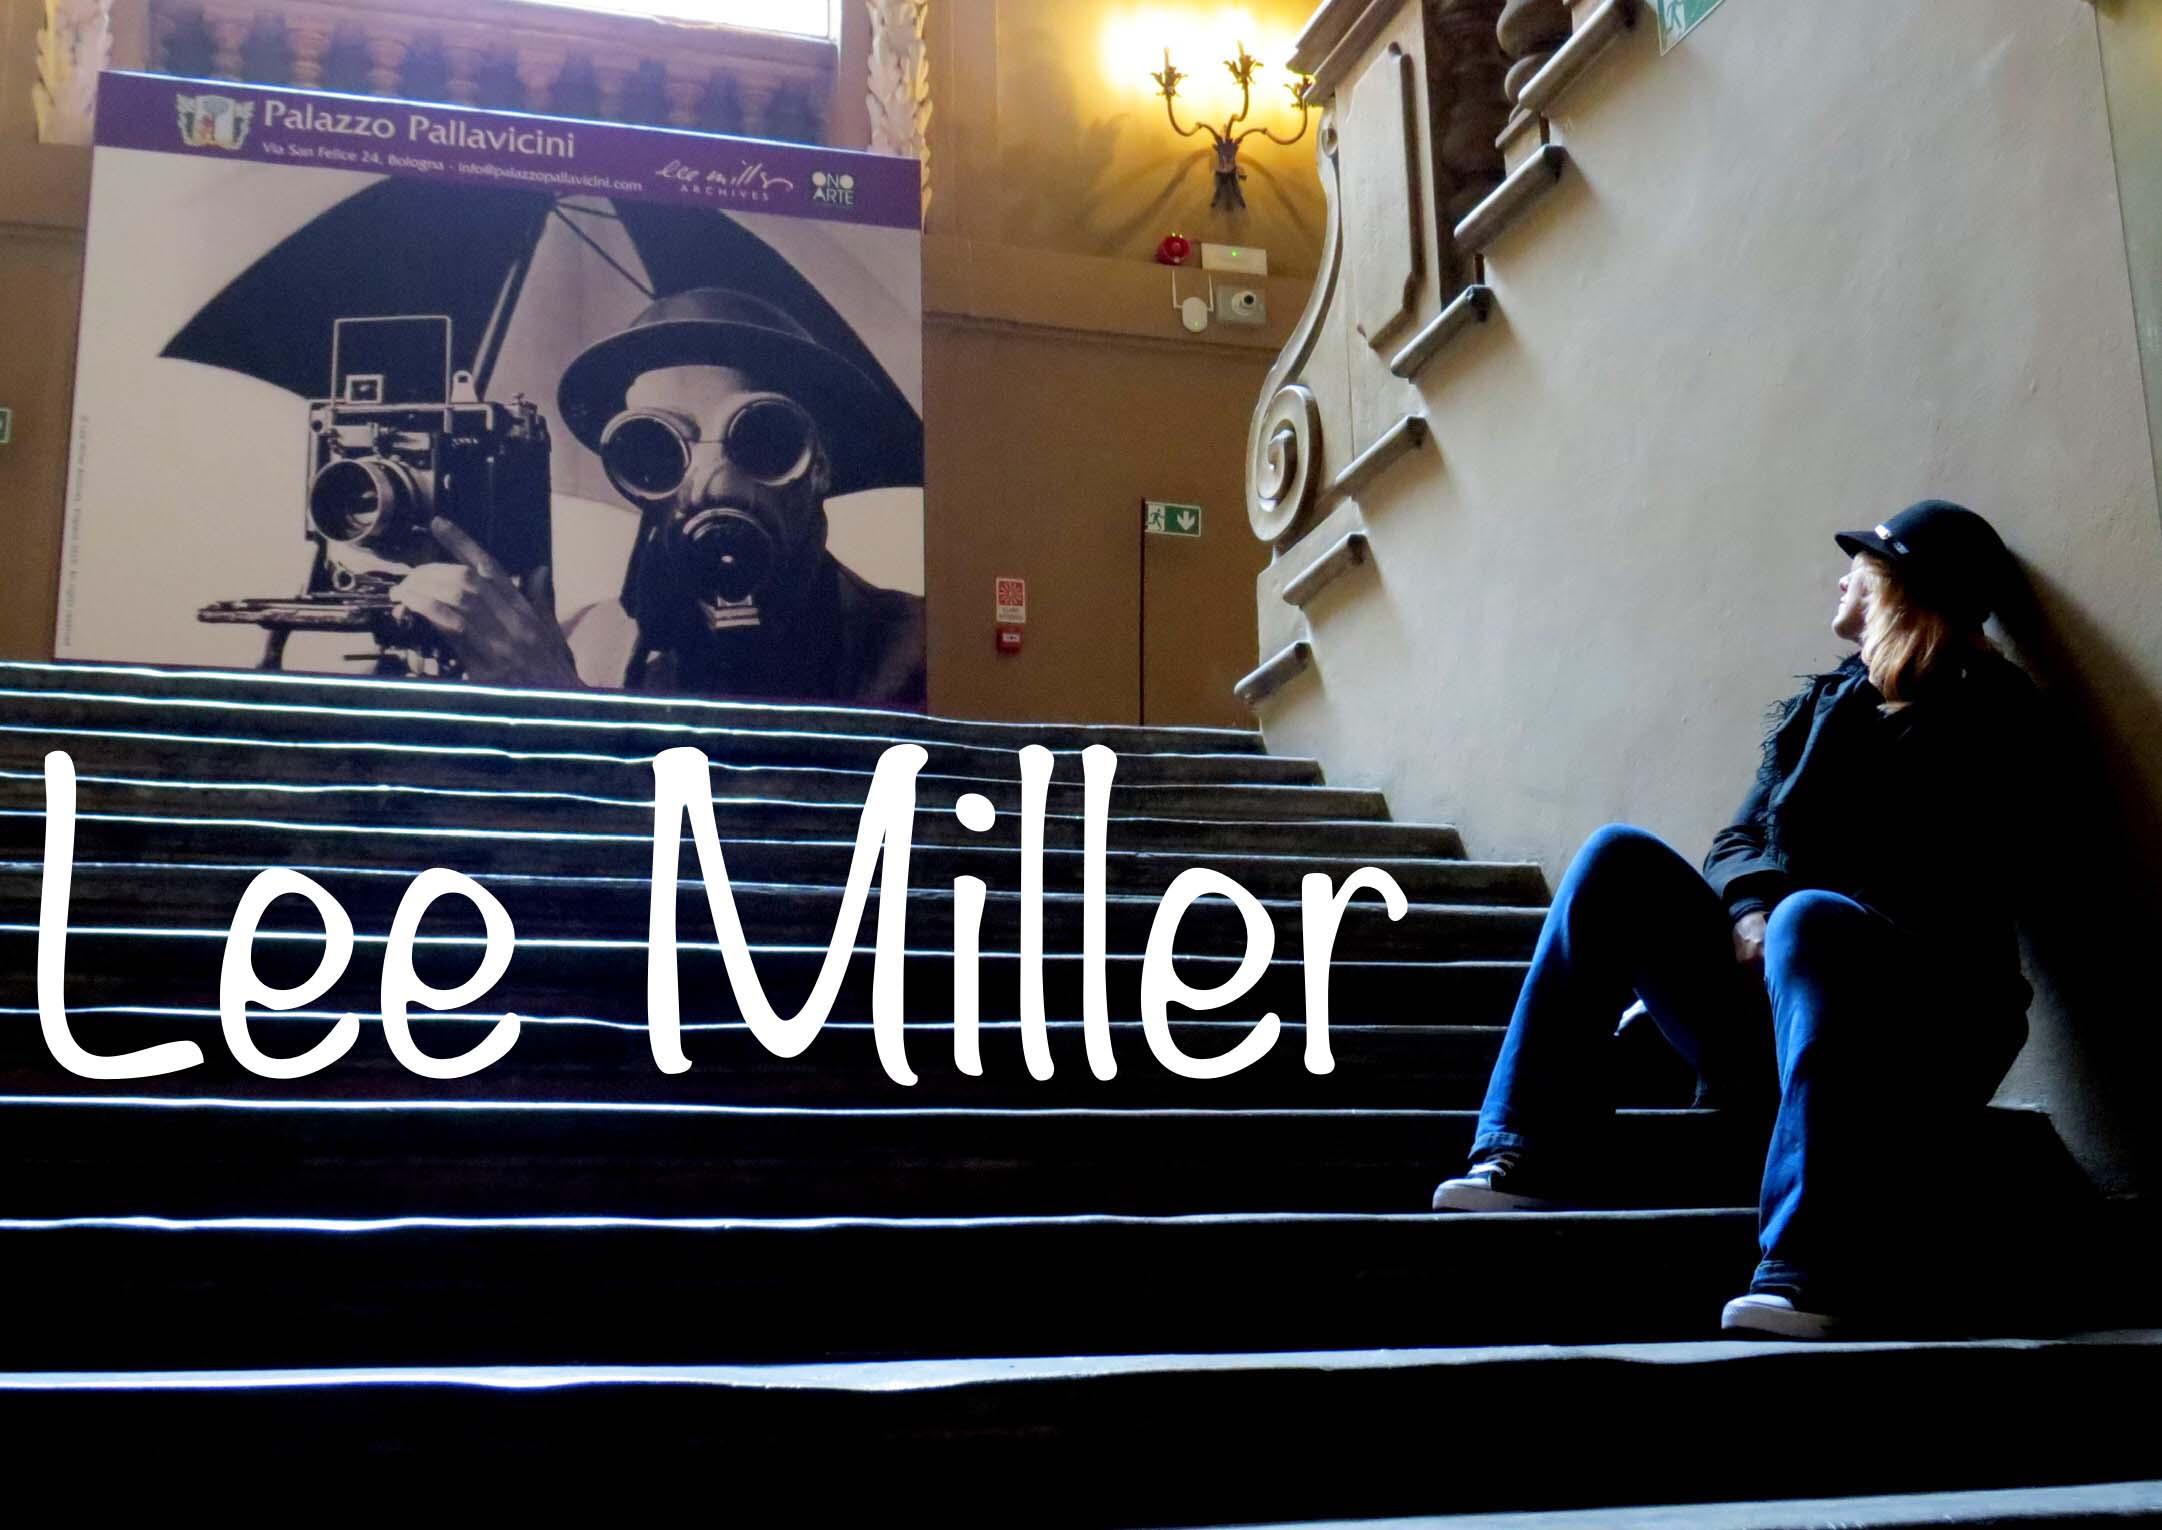 """Lee Miller """"Surrealist"""", la straordinaria!"""